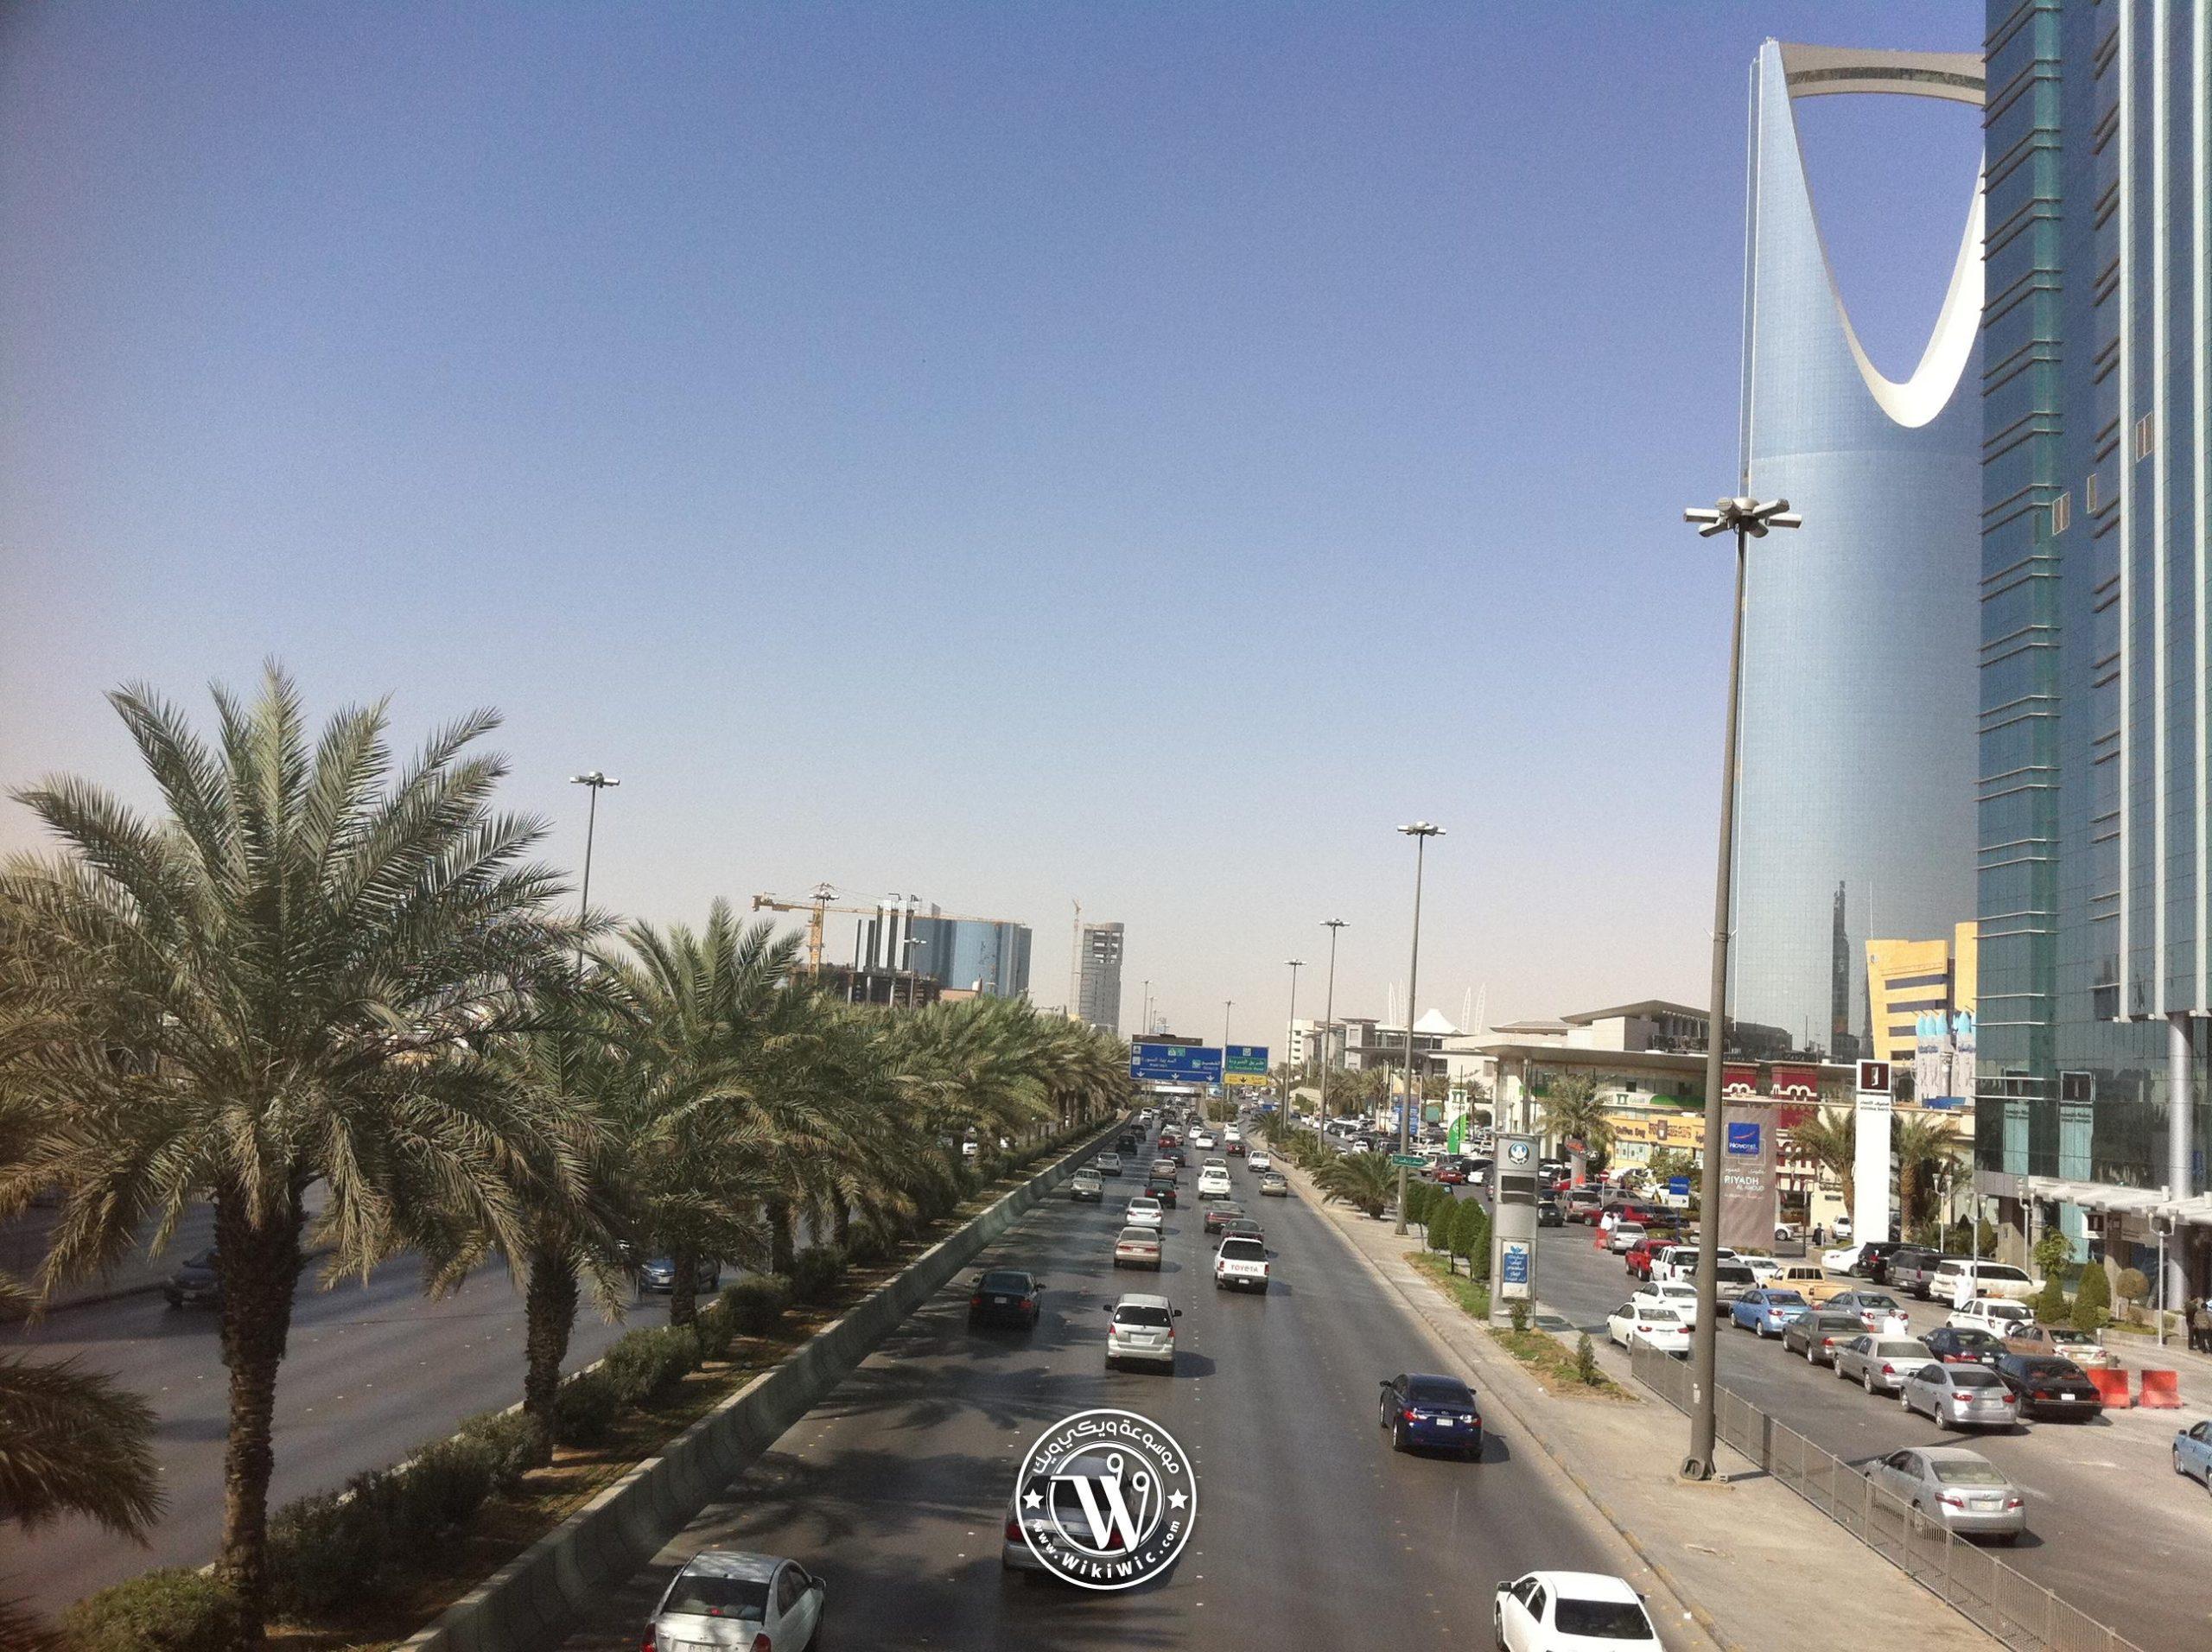 الرياض معلومات عن عاصمة المملكة العربية السعودية Wiki Wic ويكي ويك